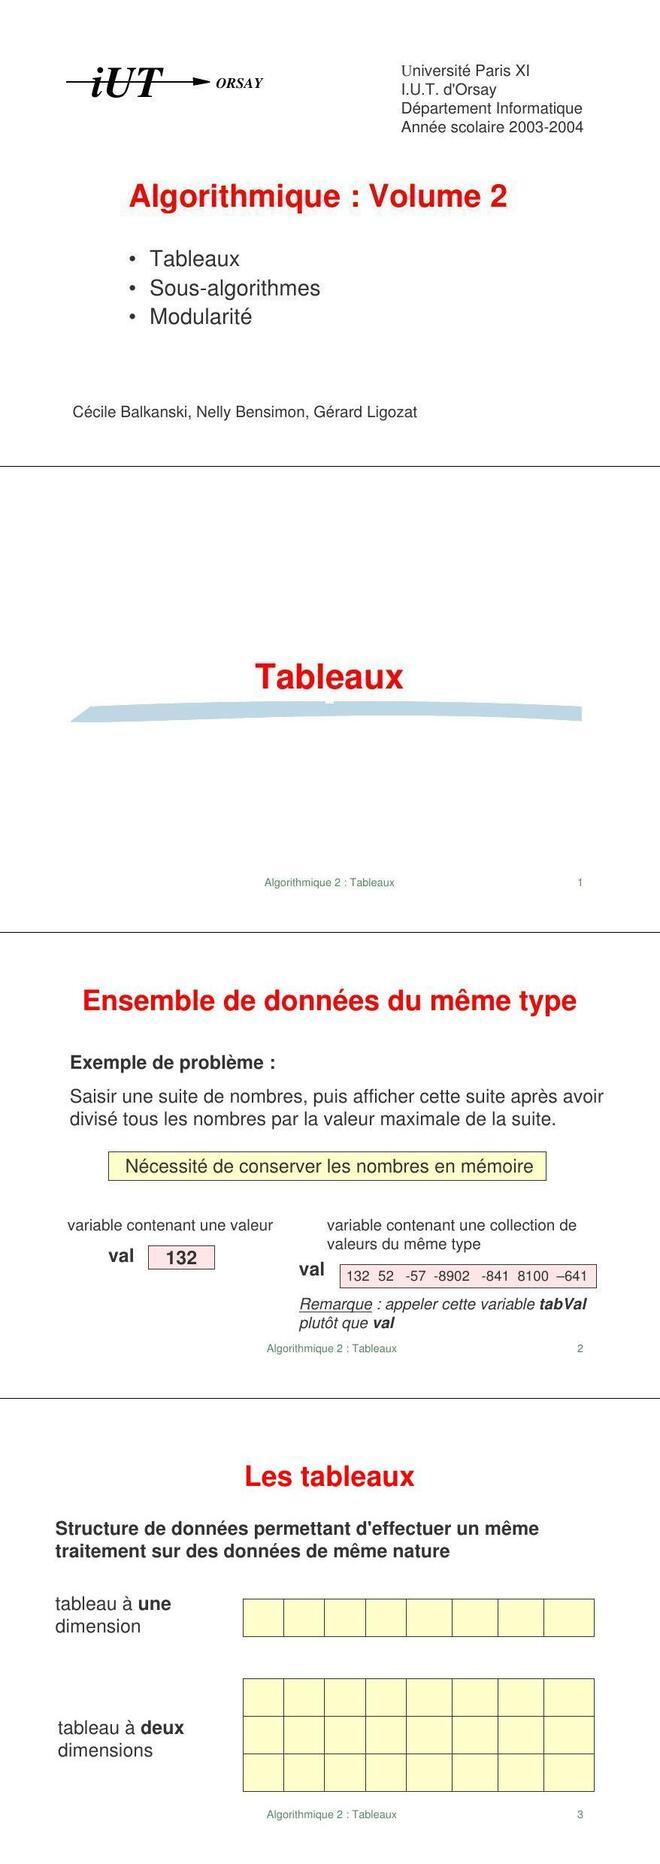 Pdf Cours Algorithme Sur Les Tableaux En Pdf Cours Informatique